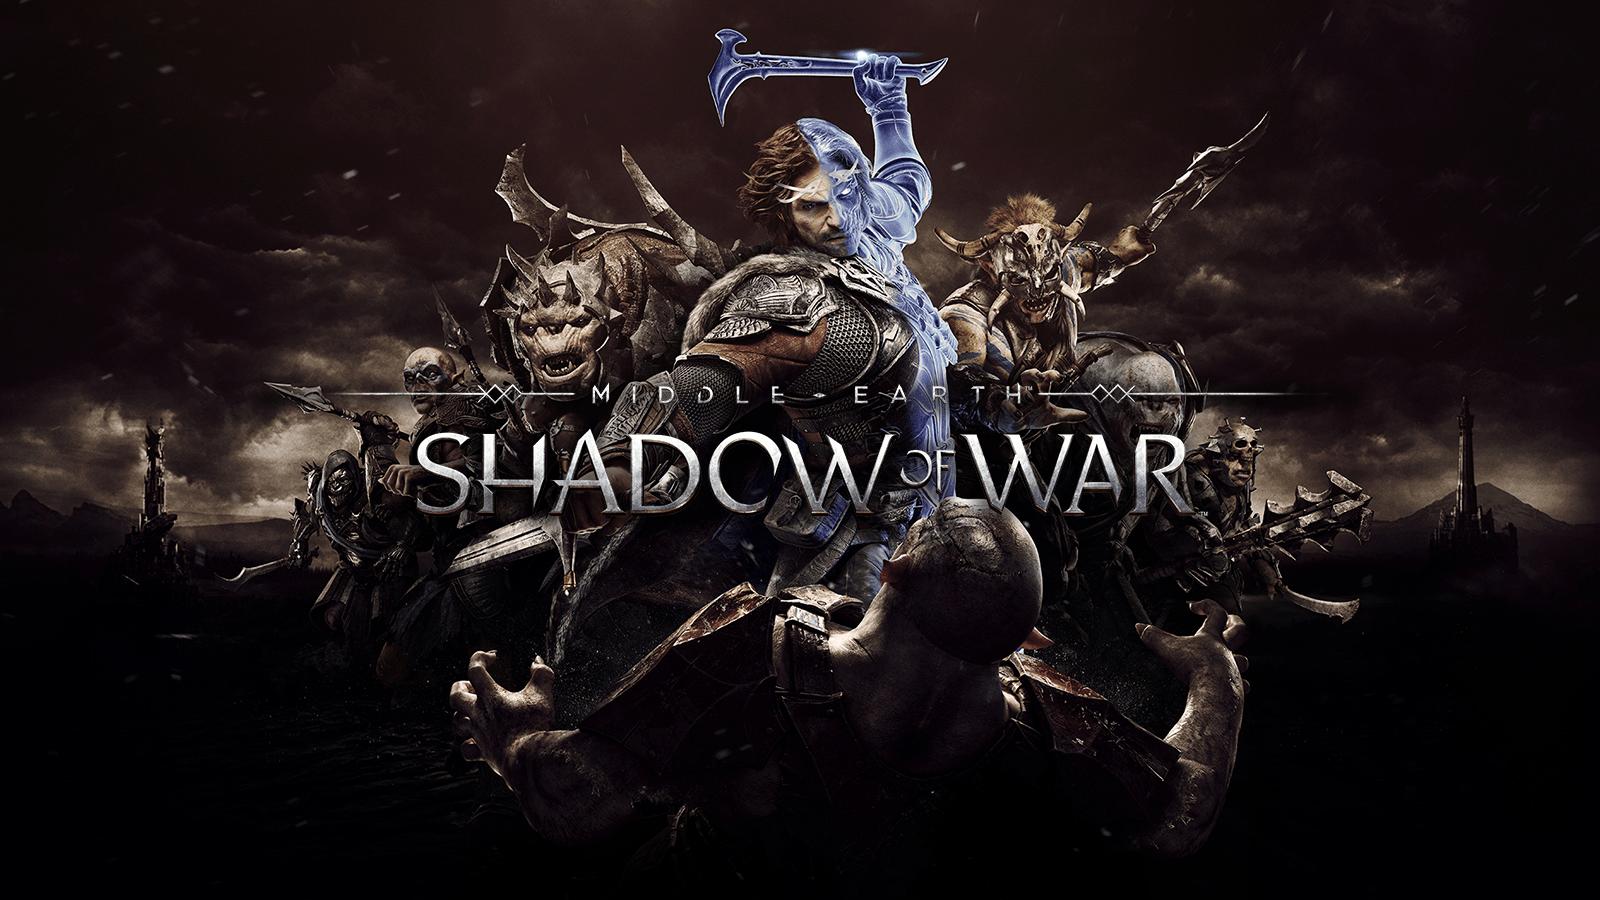 Гайд: Технические проблемы и их решение в Middle-Earth: Shadow of War